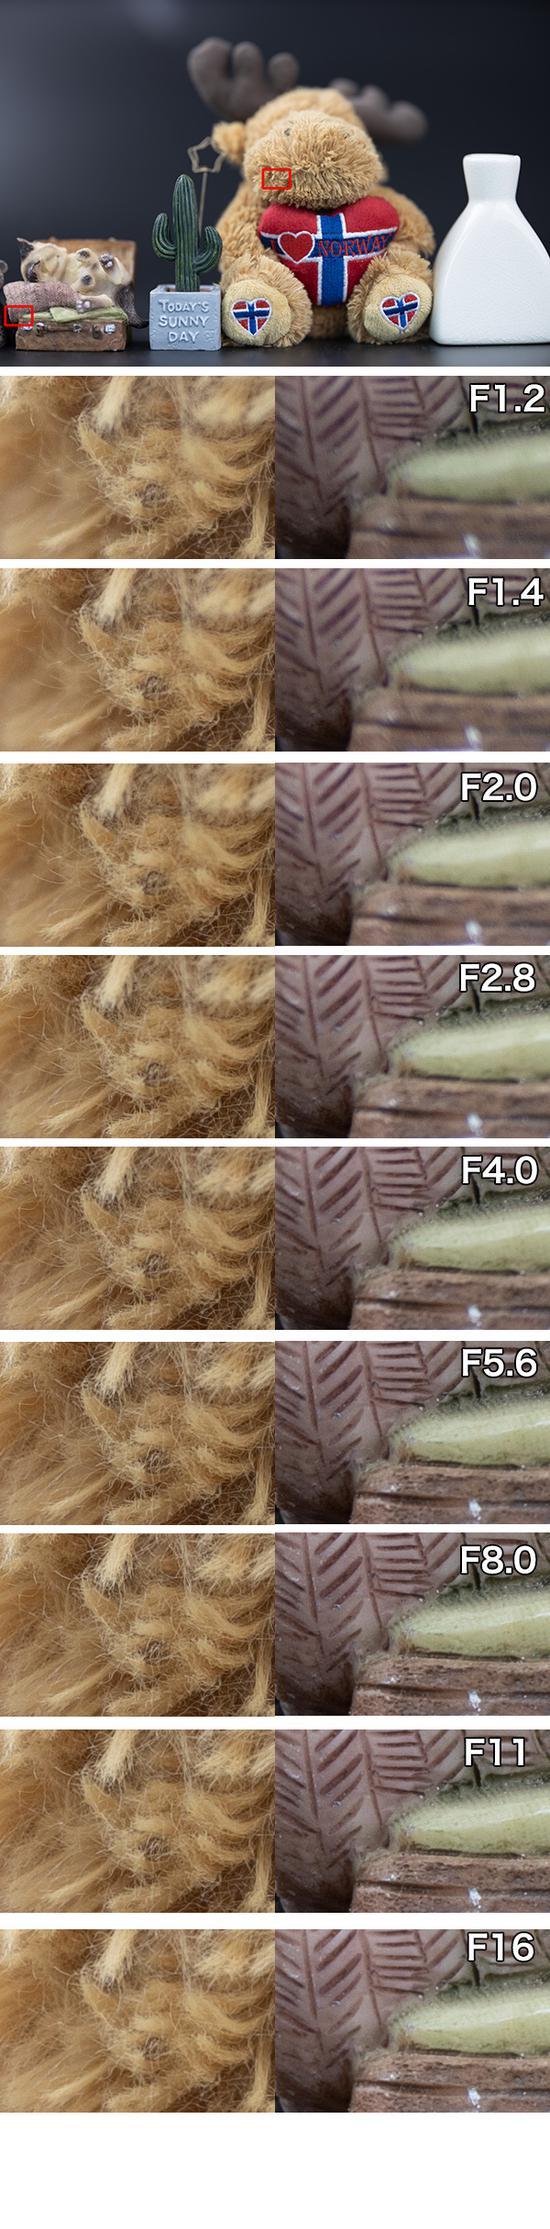 3bf2-iaqfzyv5729095.jpg